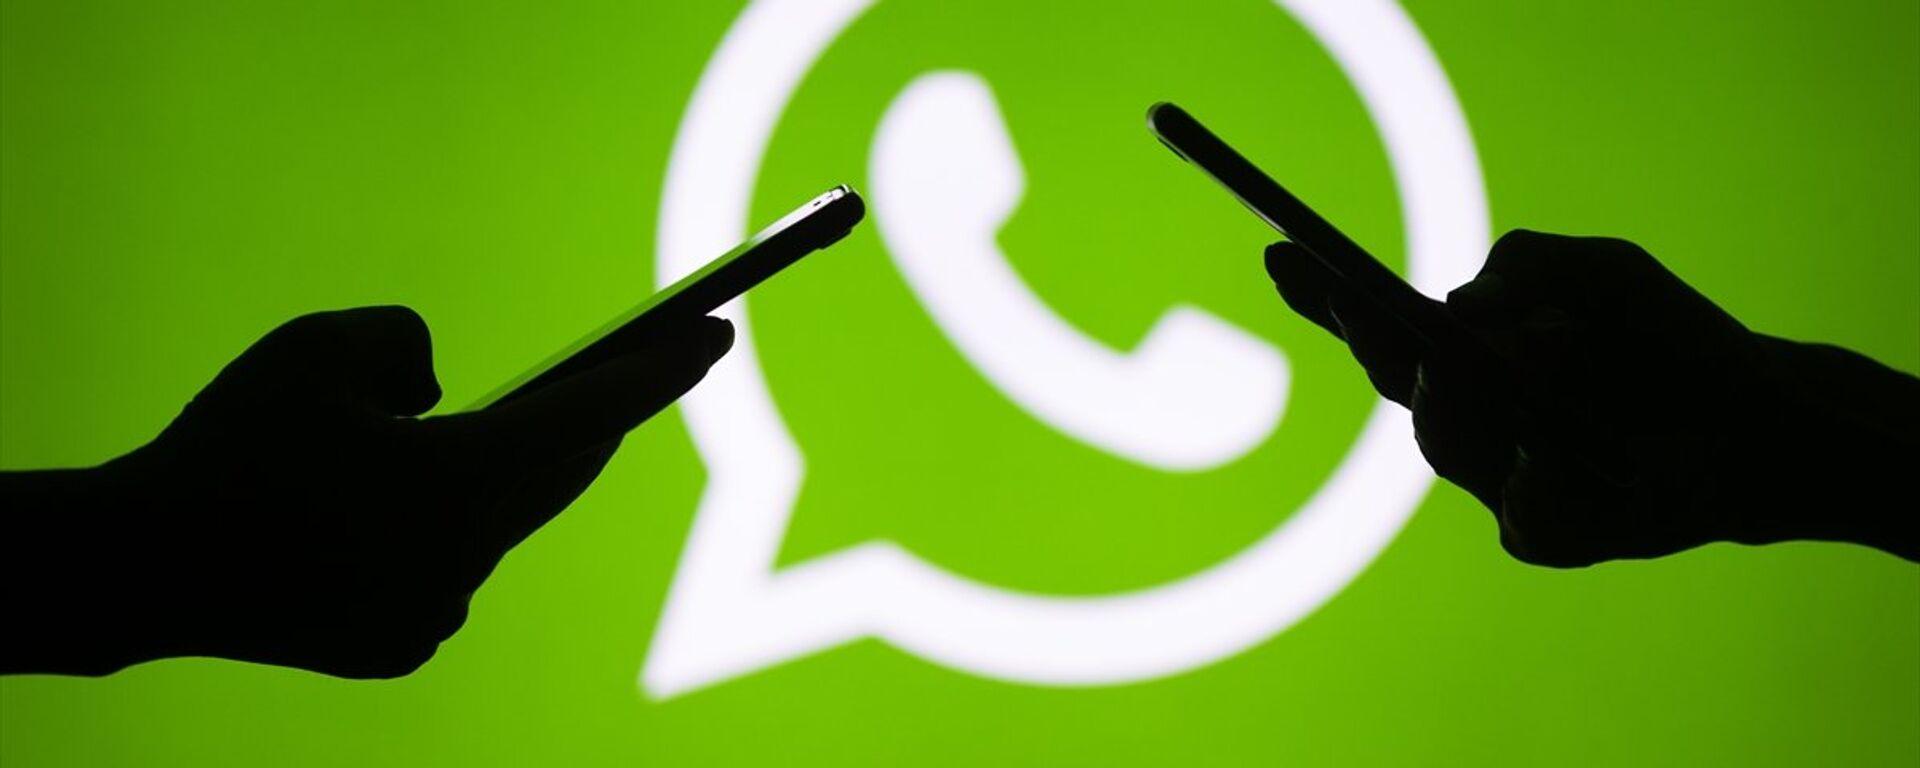 WhatsApp - Sputnik Türkiye, 1920, 07.01.2021